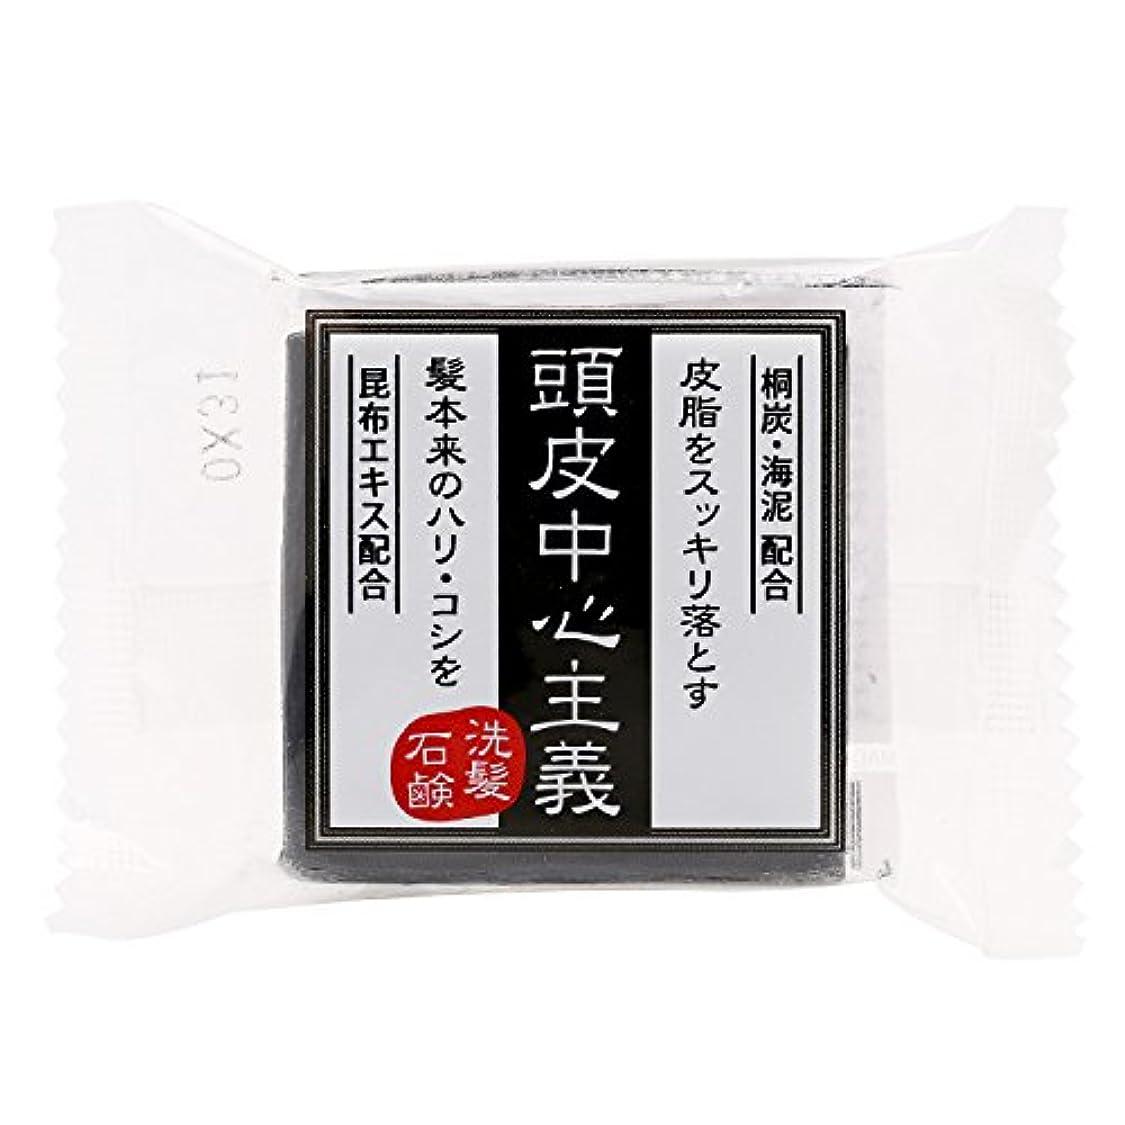 菊星 頭皮中心主義 洗髪石鹸 30g